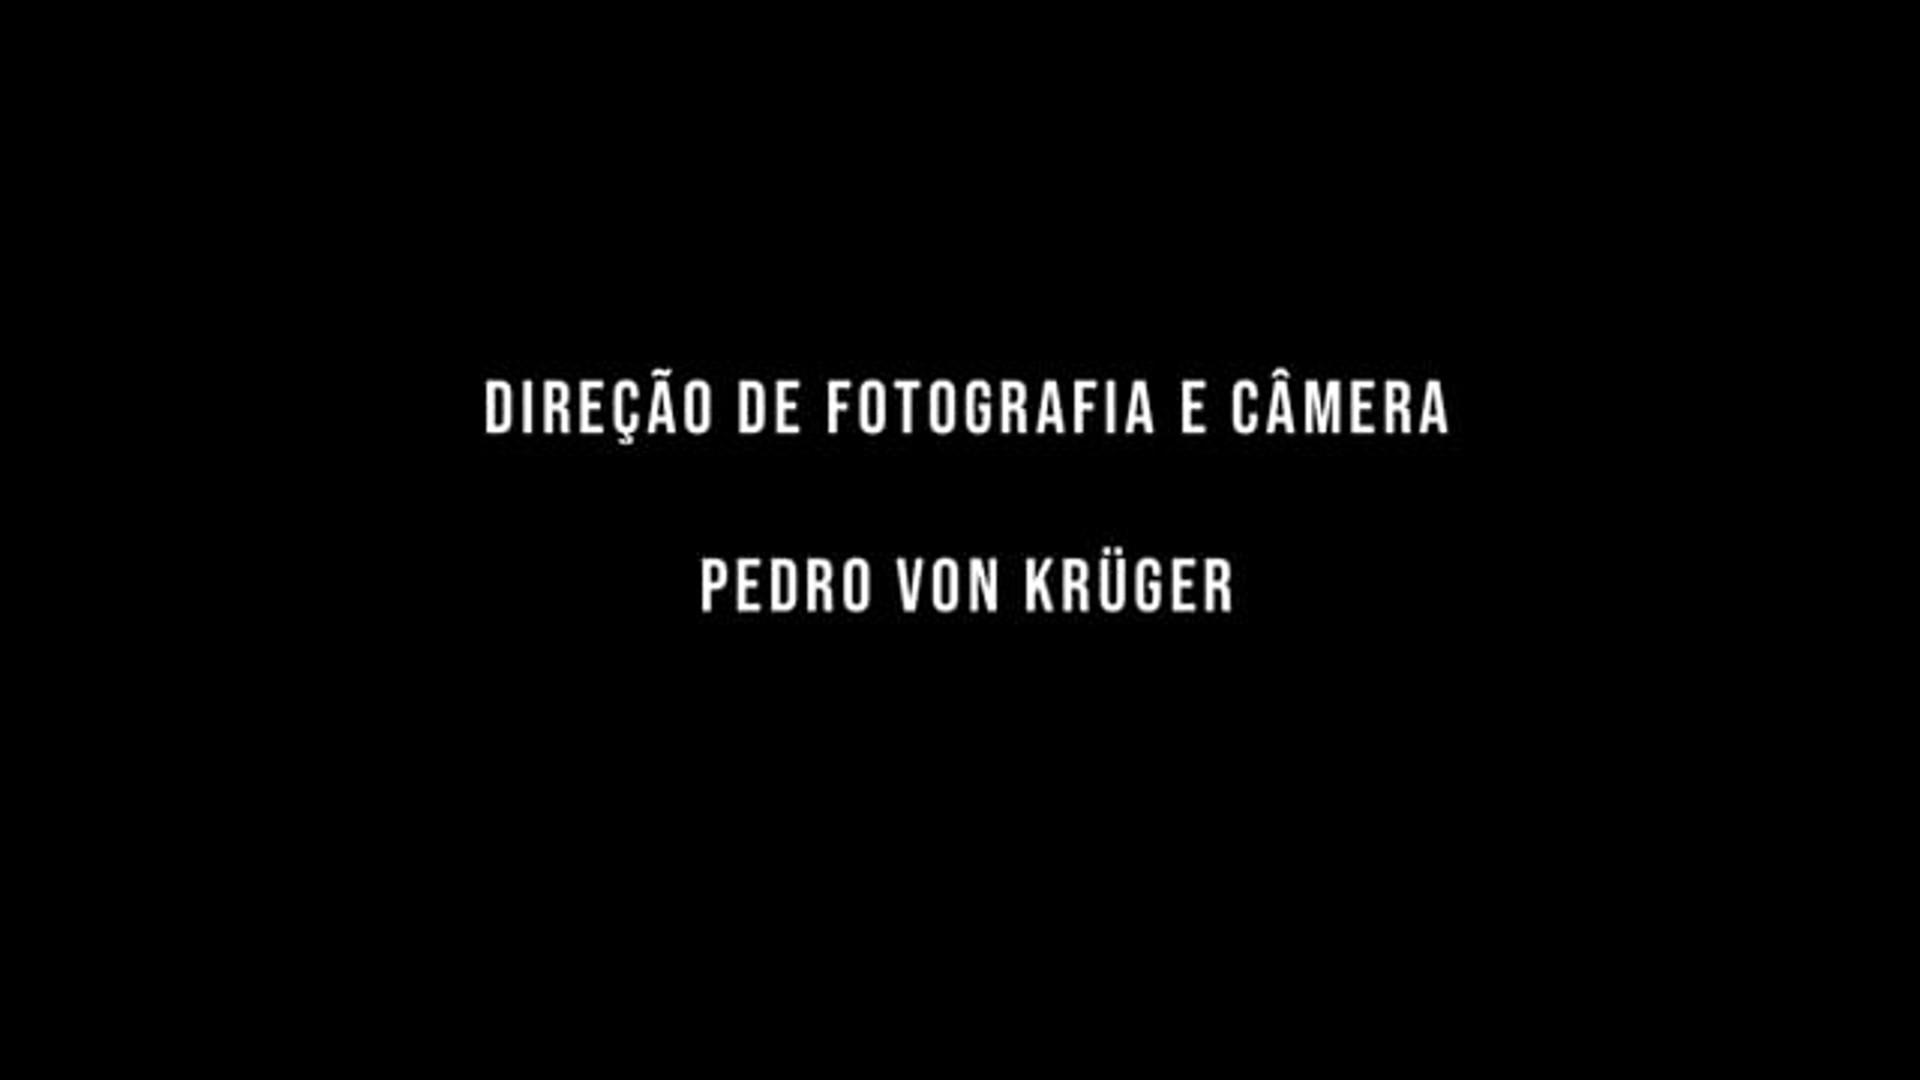 PEDRO VON KRÜGER - DIREÇÃO DE FOTOGRAFIA E CÂMERA